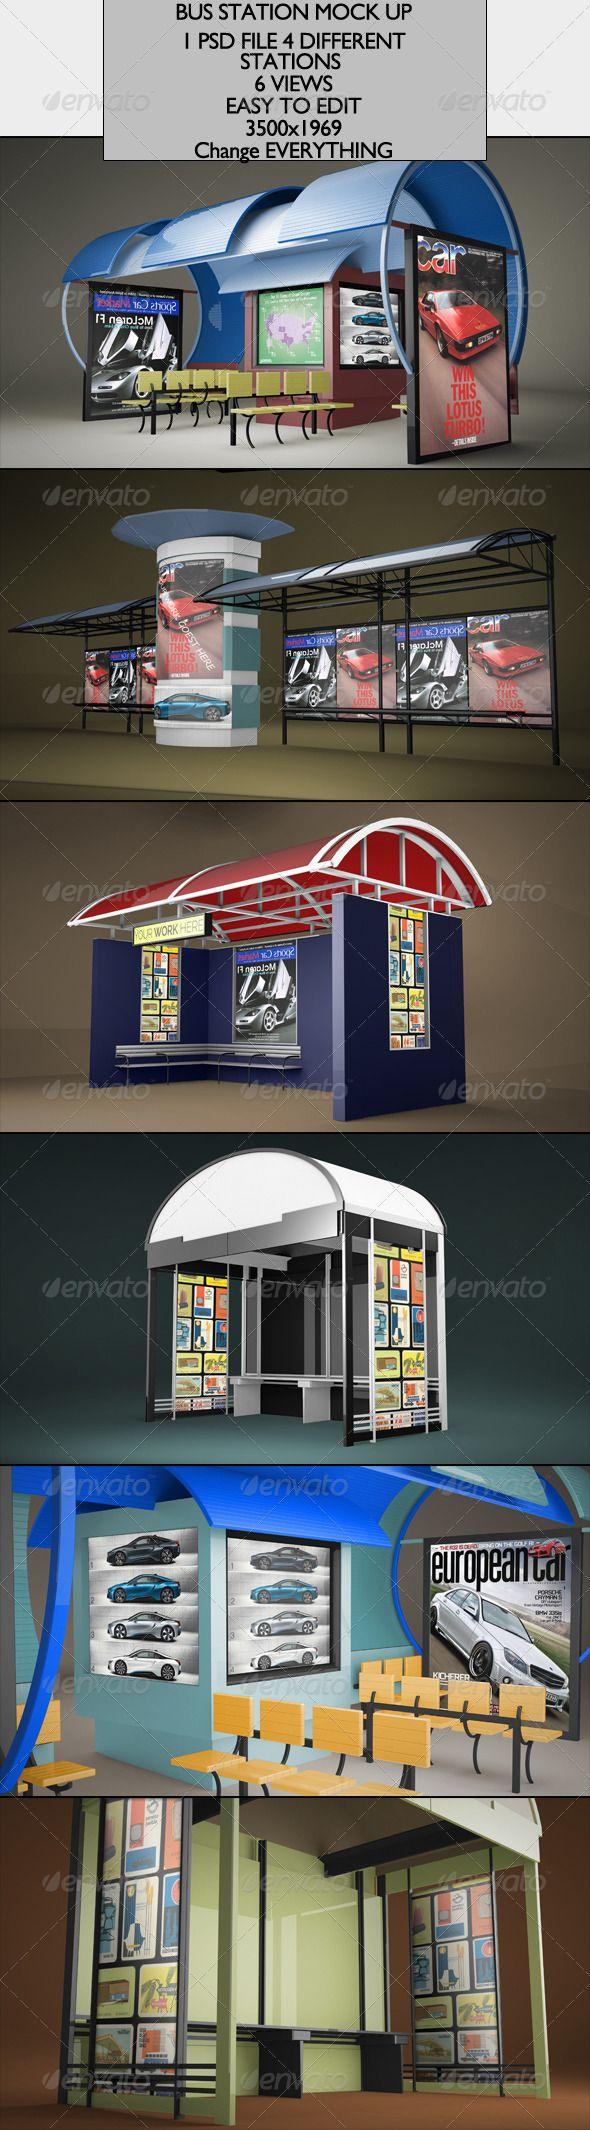 6 poster design photo mockups - Bus Station Mock Up